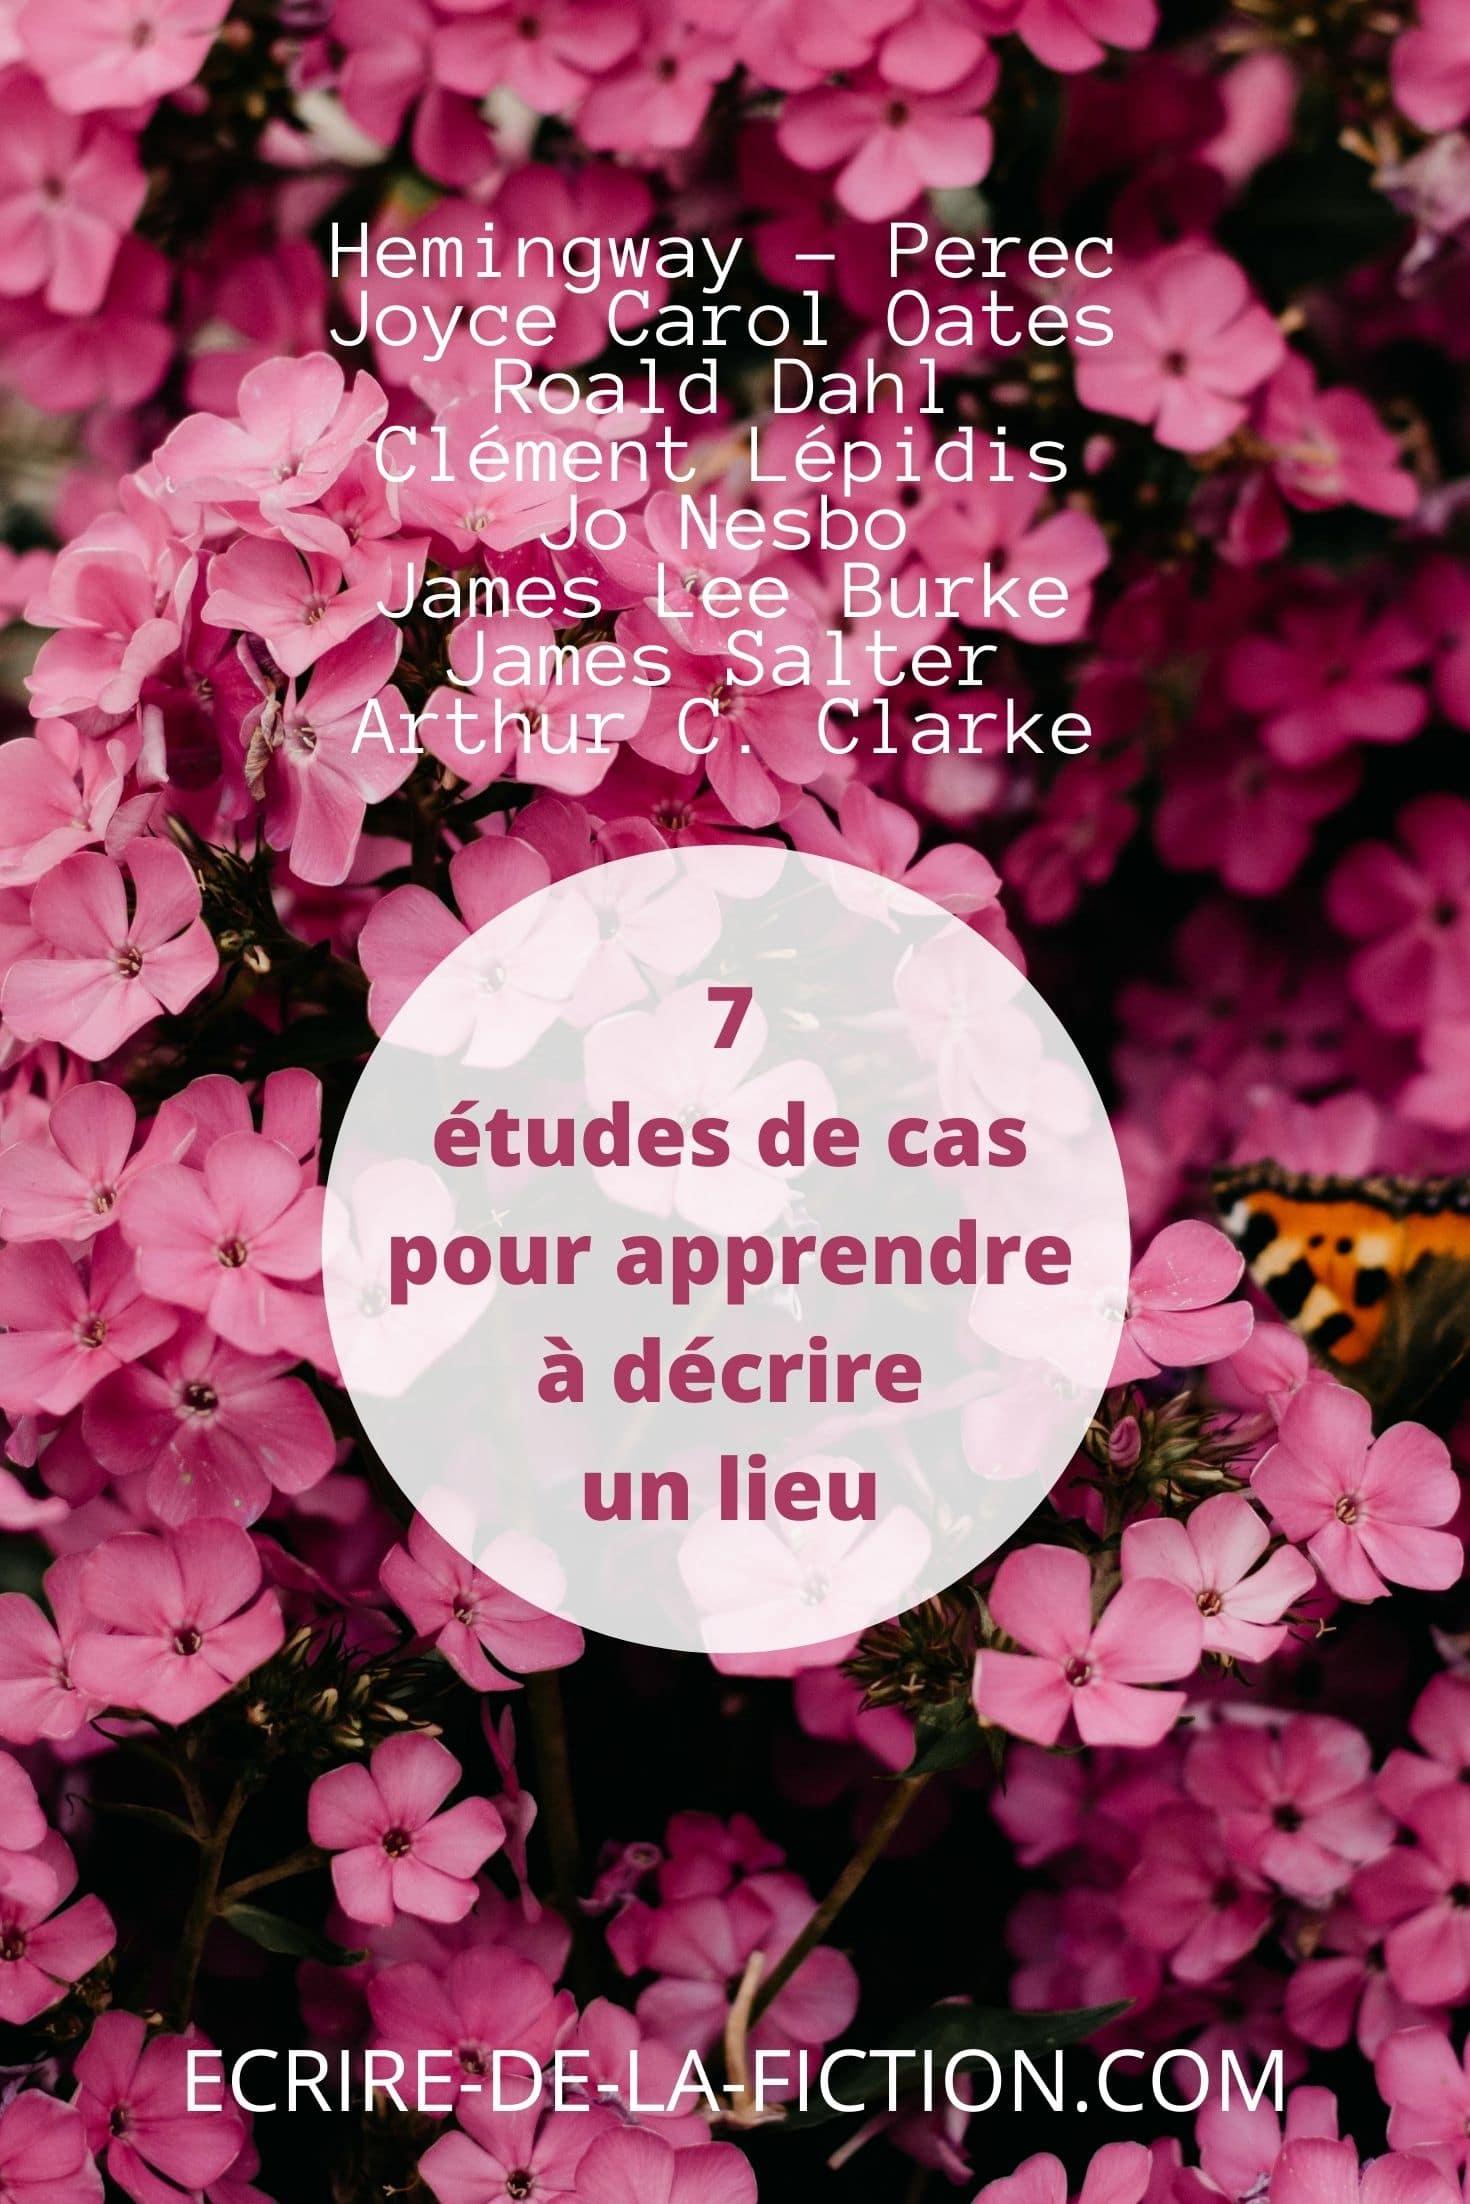 fleurs roses 7 etudes de cas pour decrire lieu